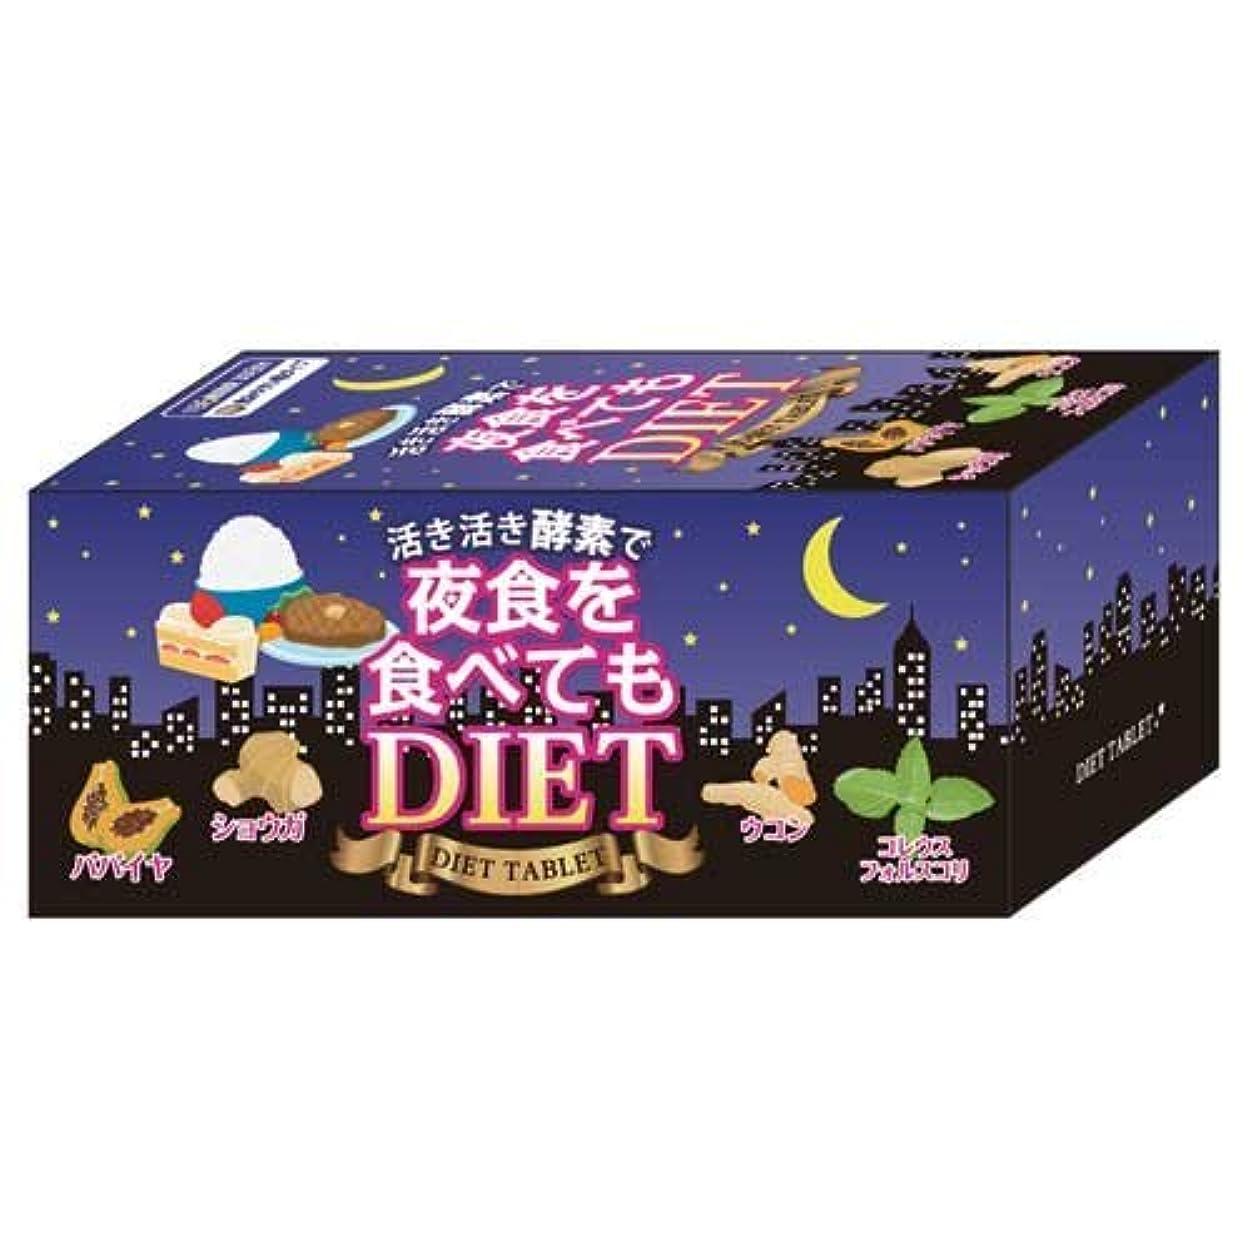 ダウンタウンスーパー隠された夜食を食べてもダイエット 30包 (240mg×6粒×30包)